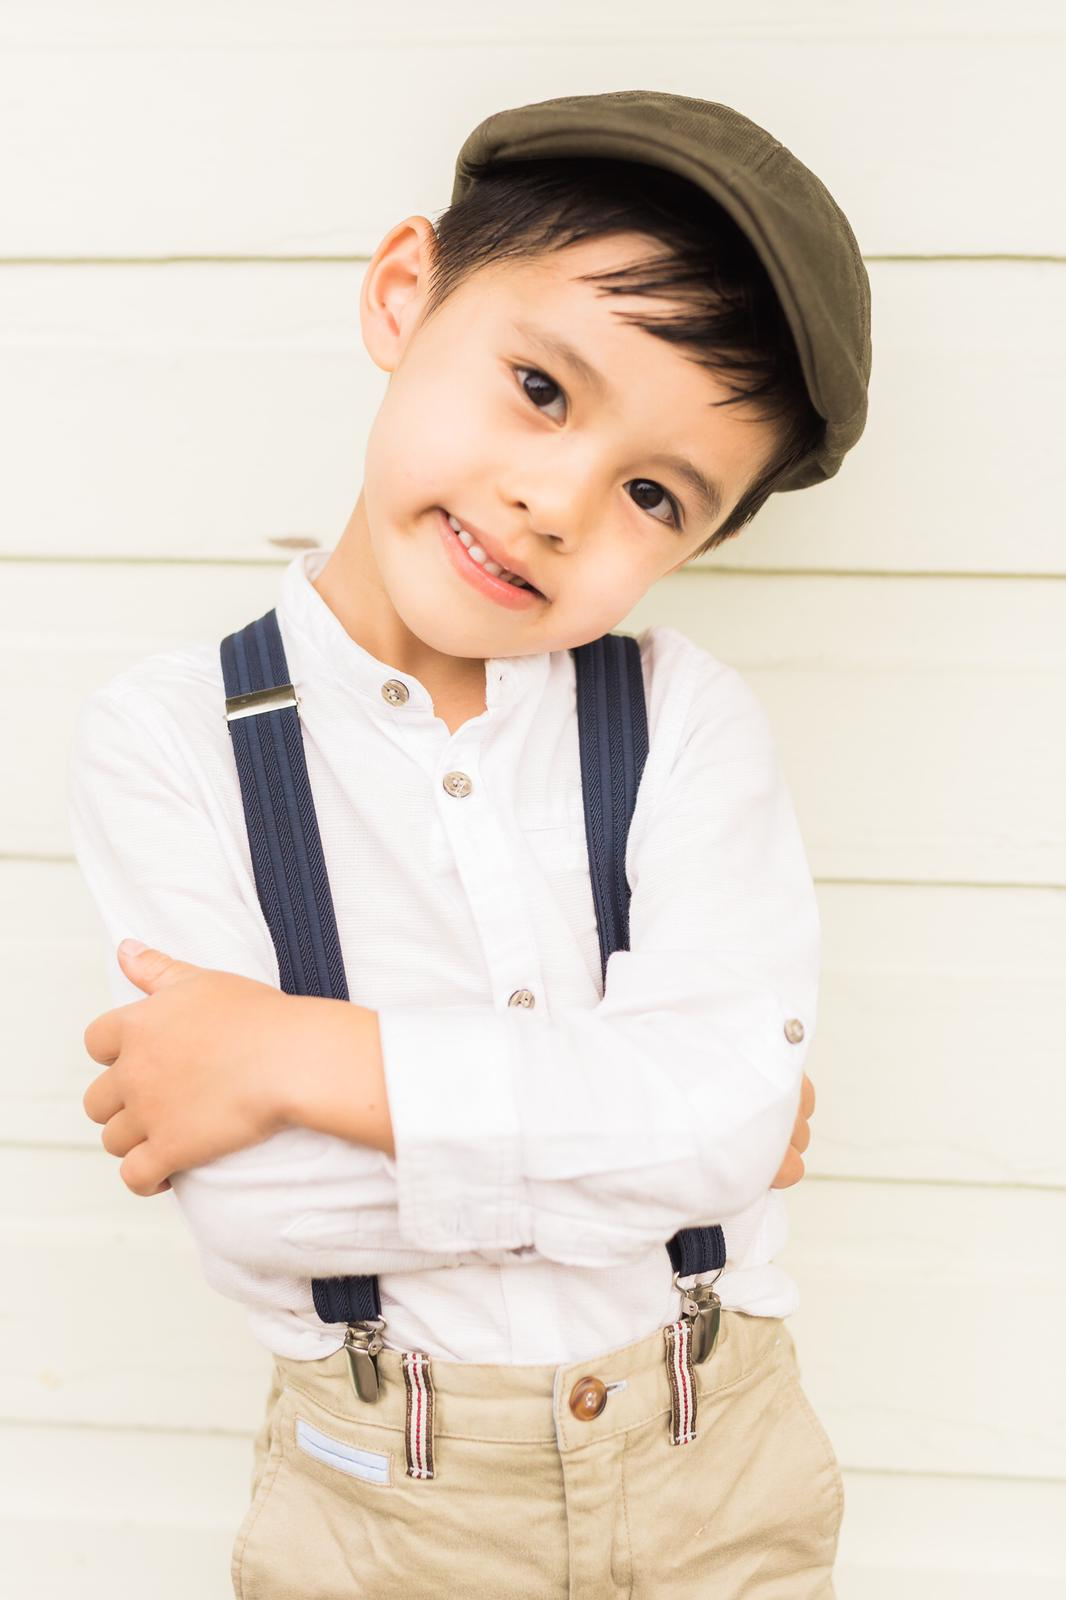 SEEMORE Kids Model Hewitt